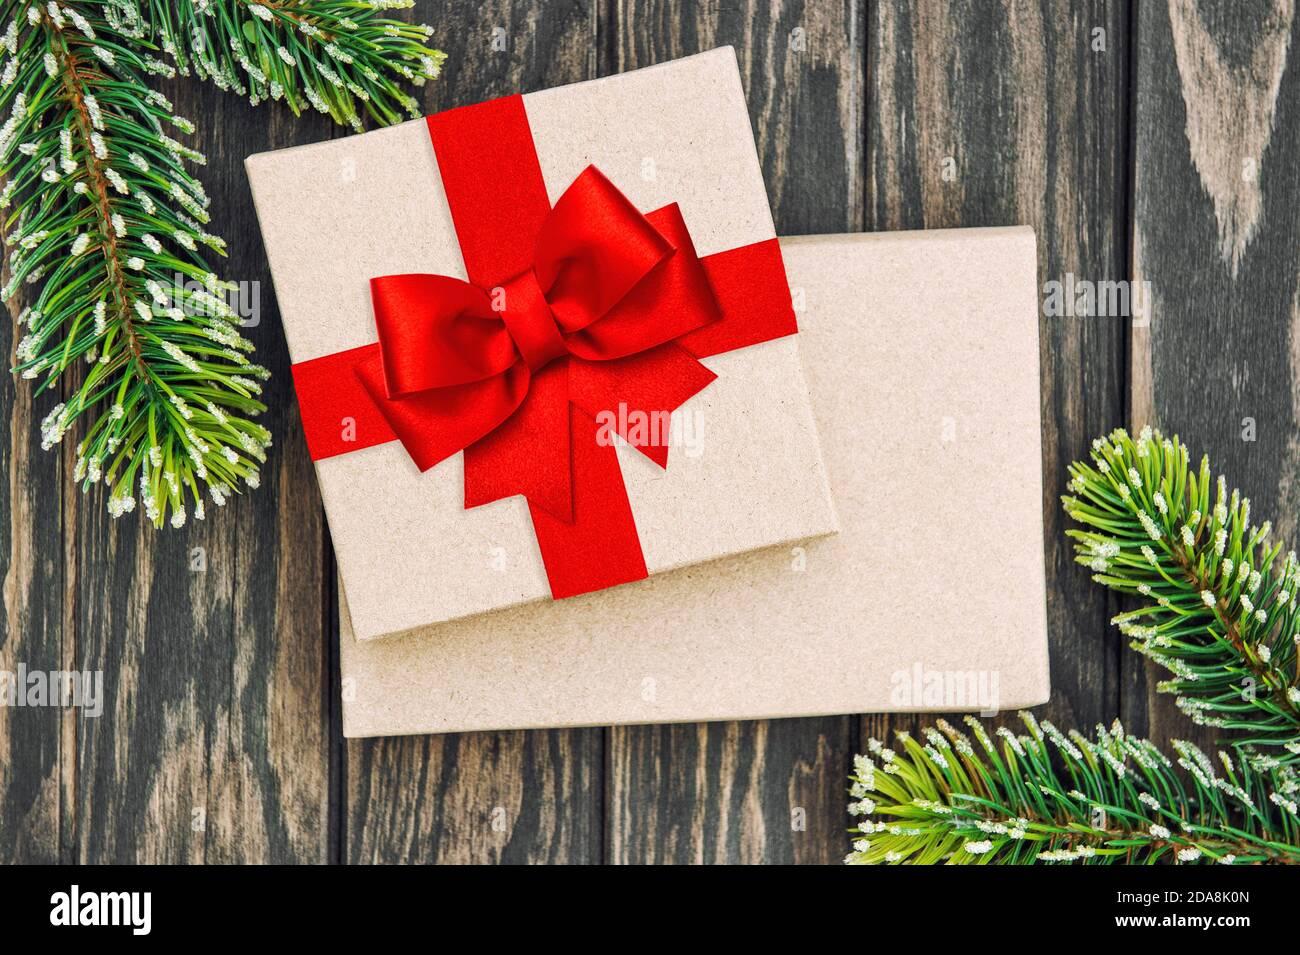 Boîte cadeau avec noeud en ruban rouge. Décoration de Noël Banque D'Images